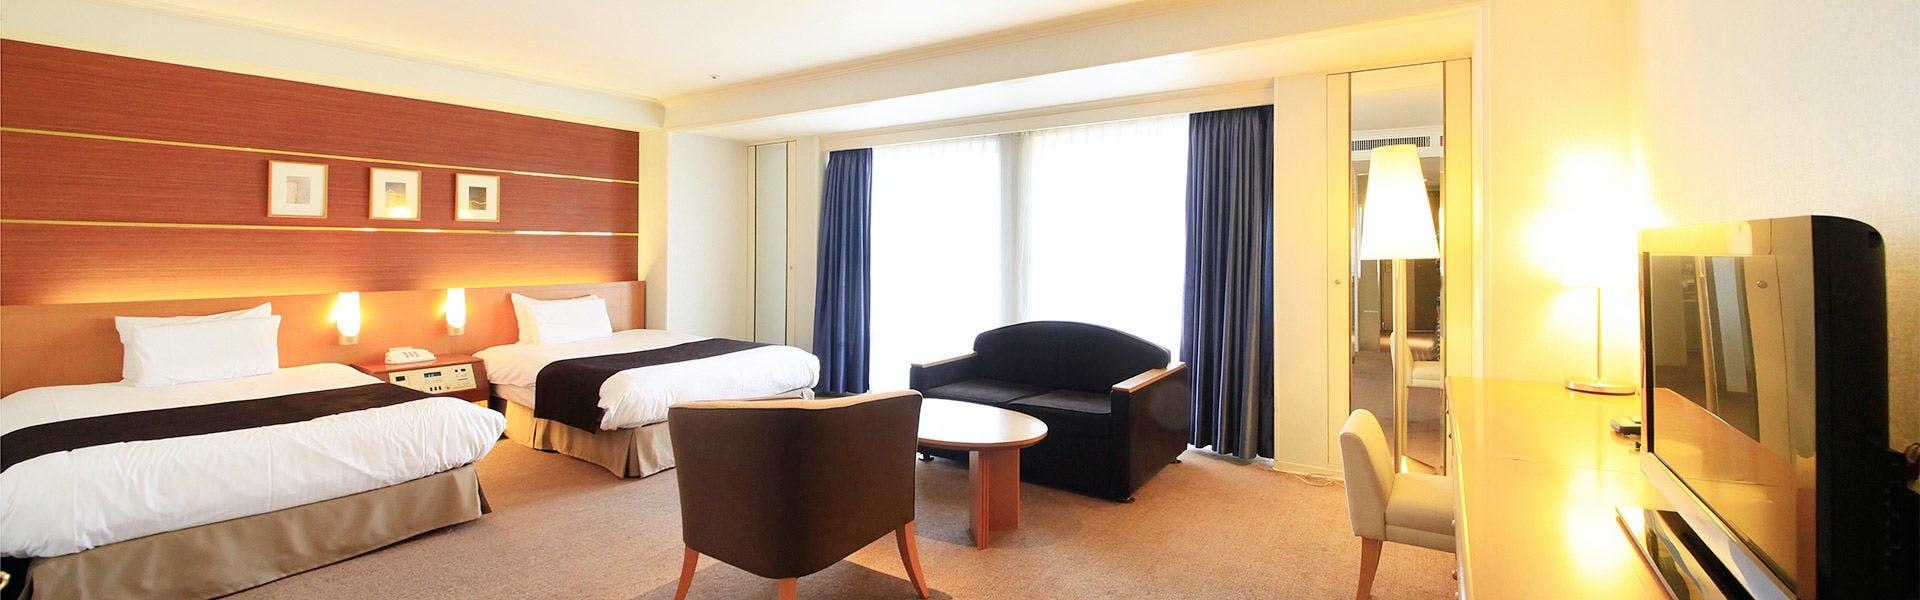 札幌駅・大通の宿・ホテル・旅館 【るるぶトラベ …